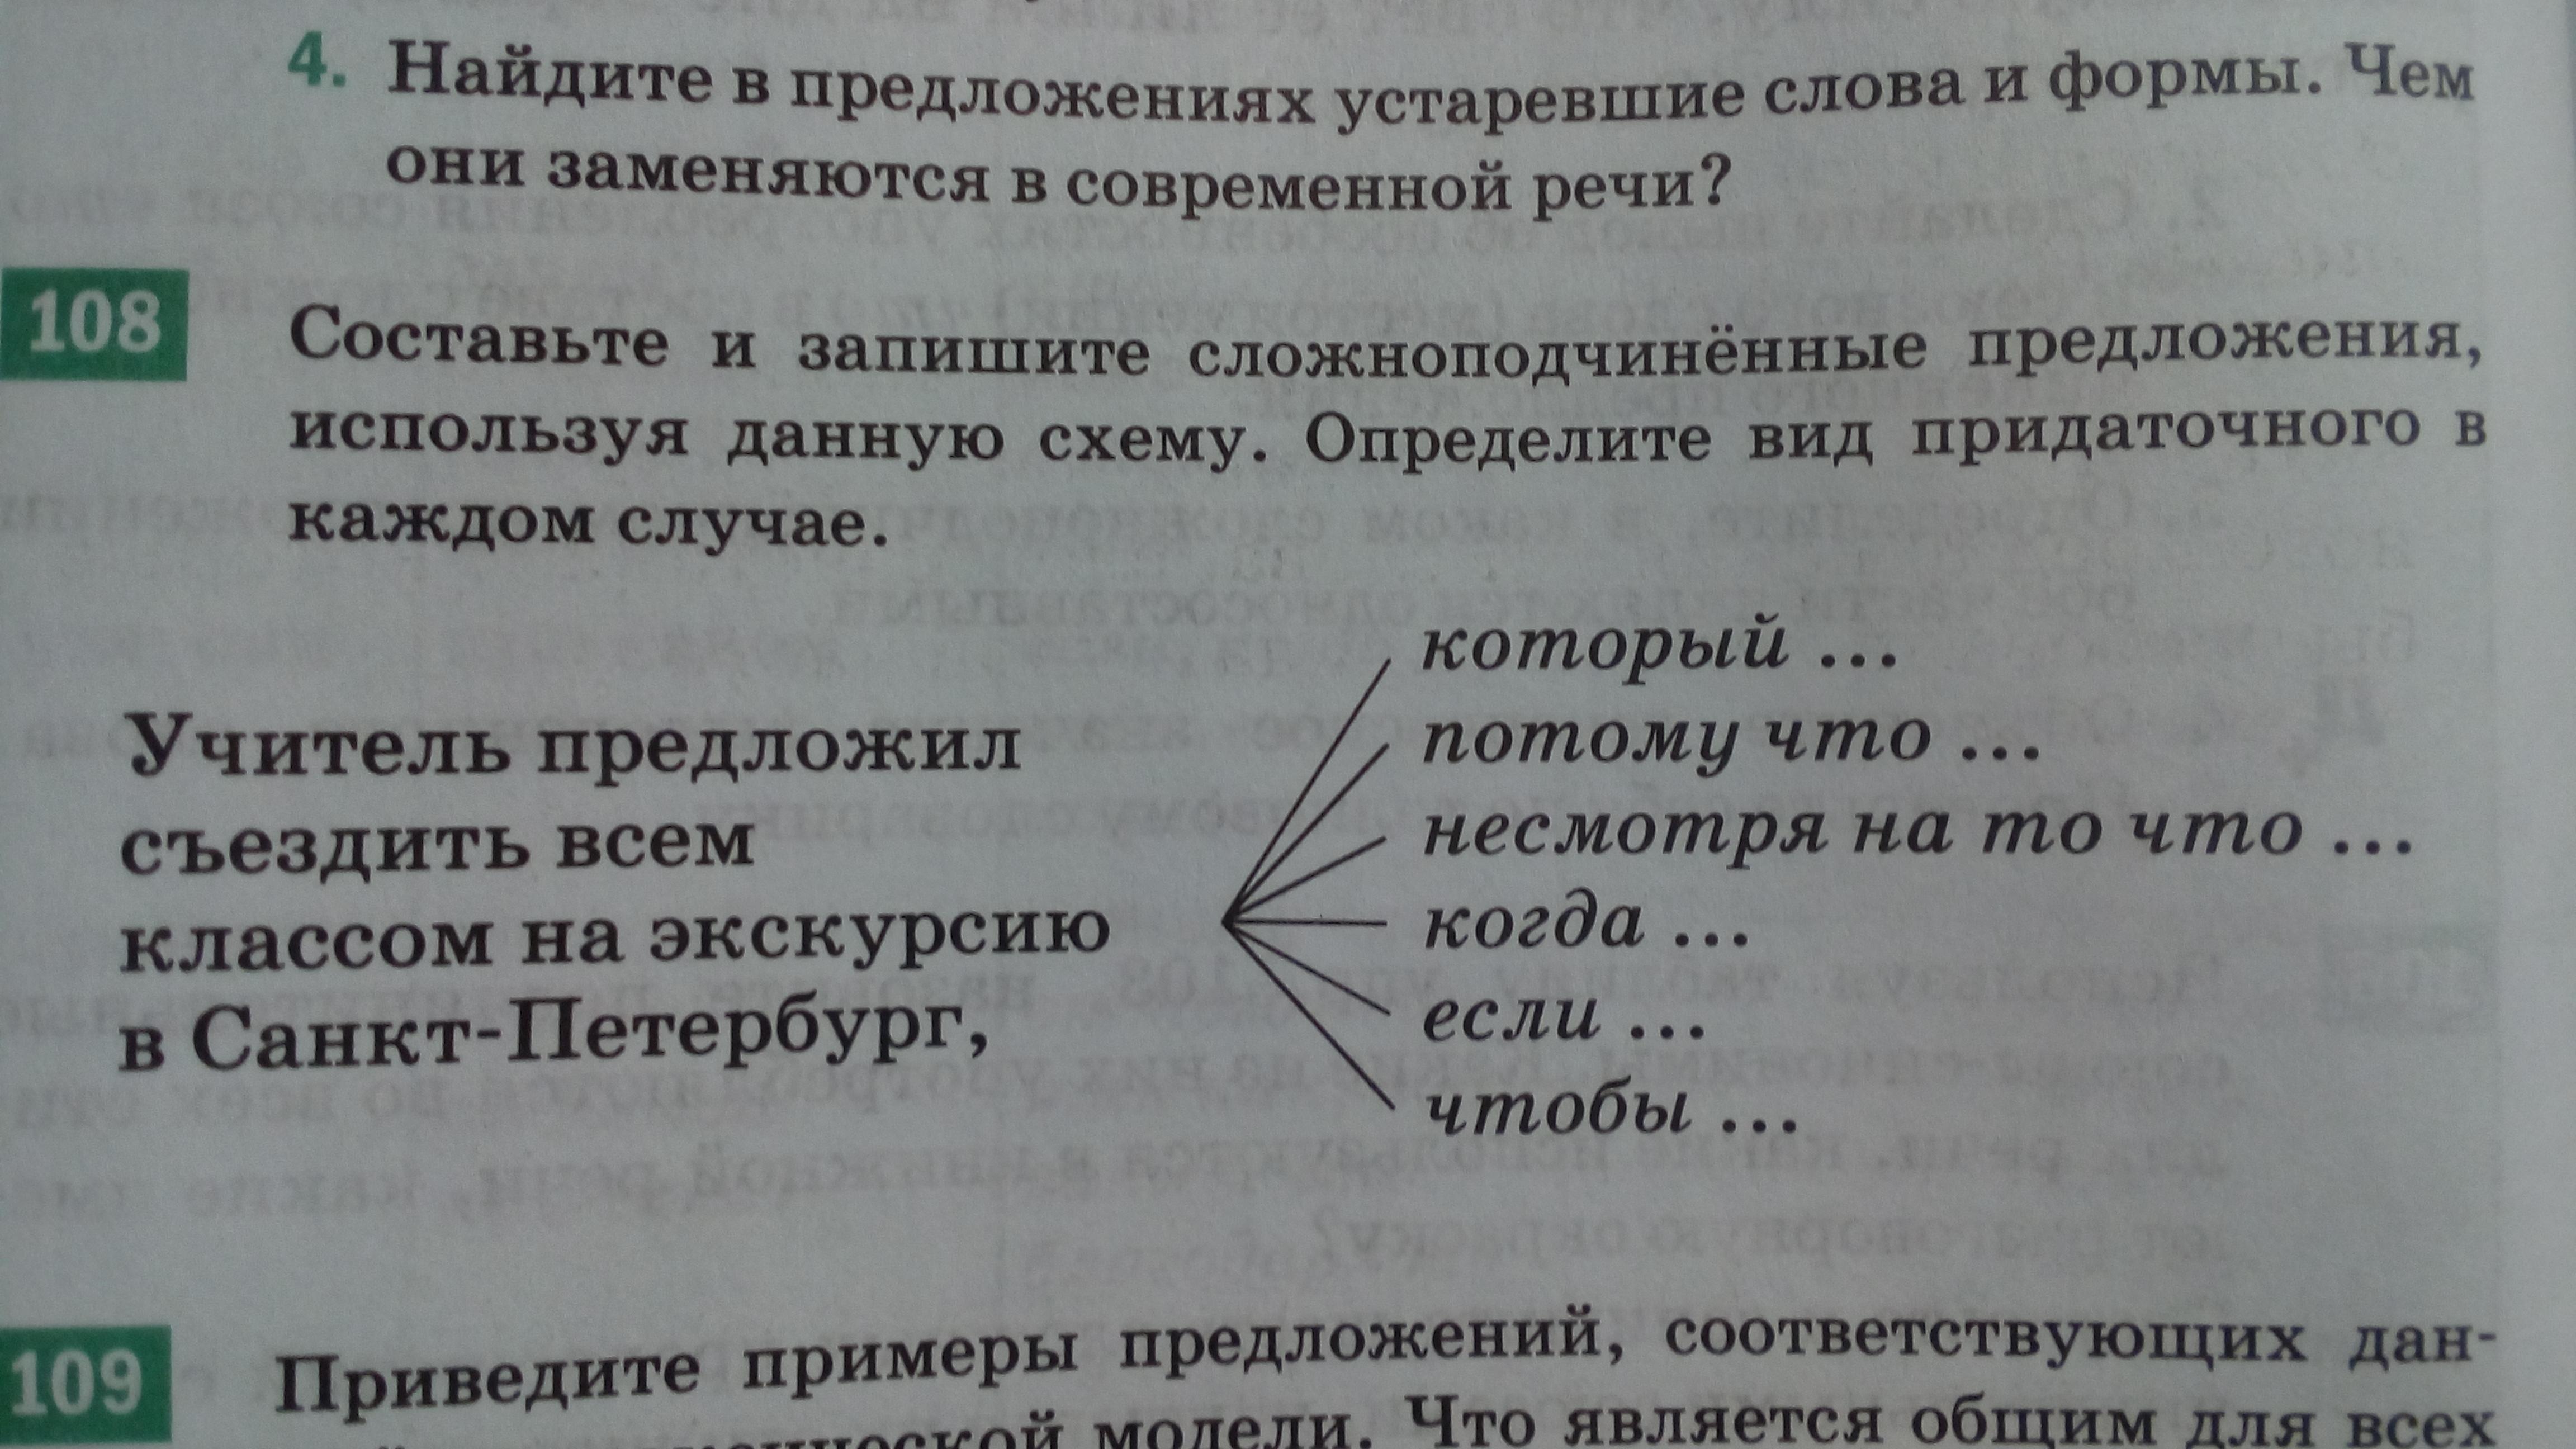 Предложение соответствующее схеме что